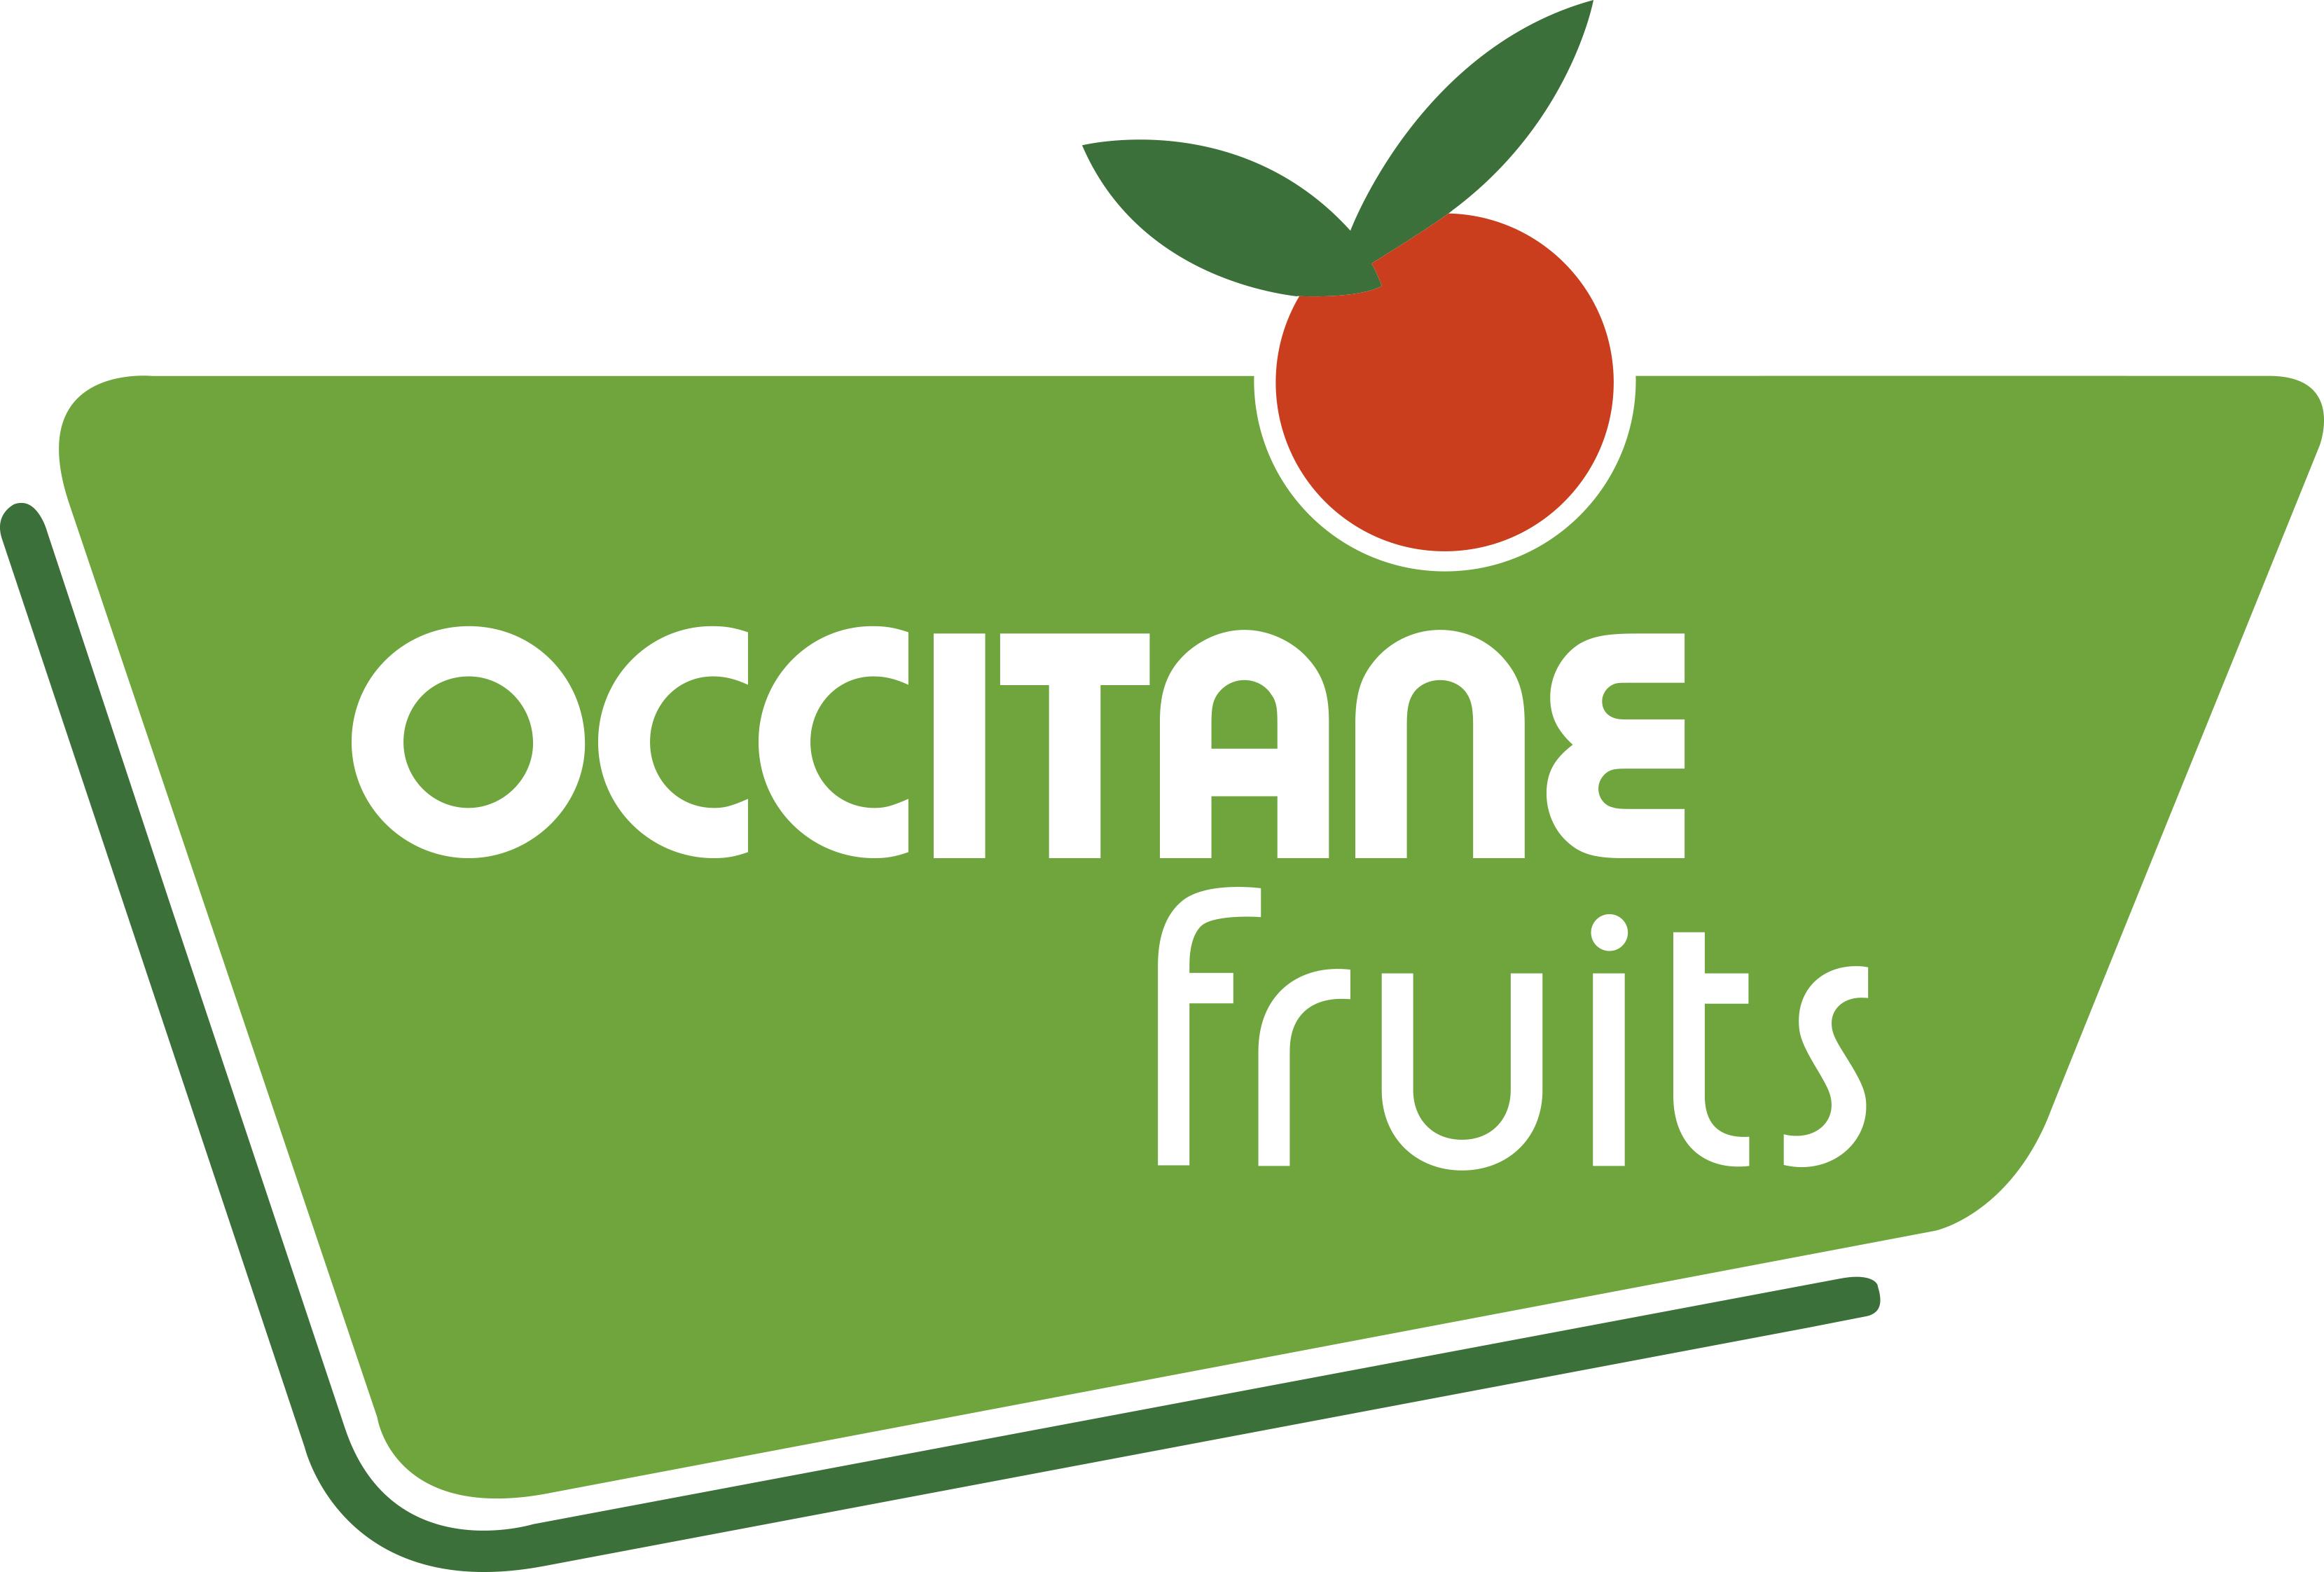 Logo Occitane Fruits